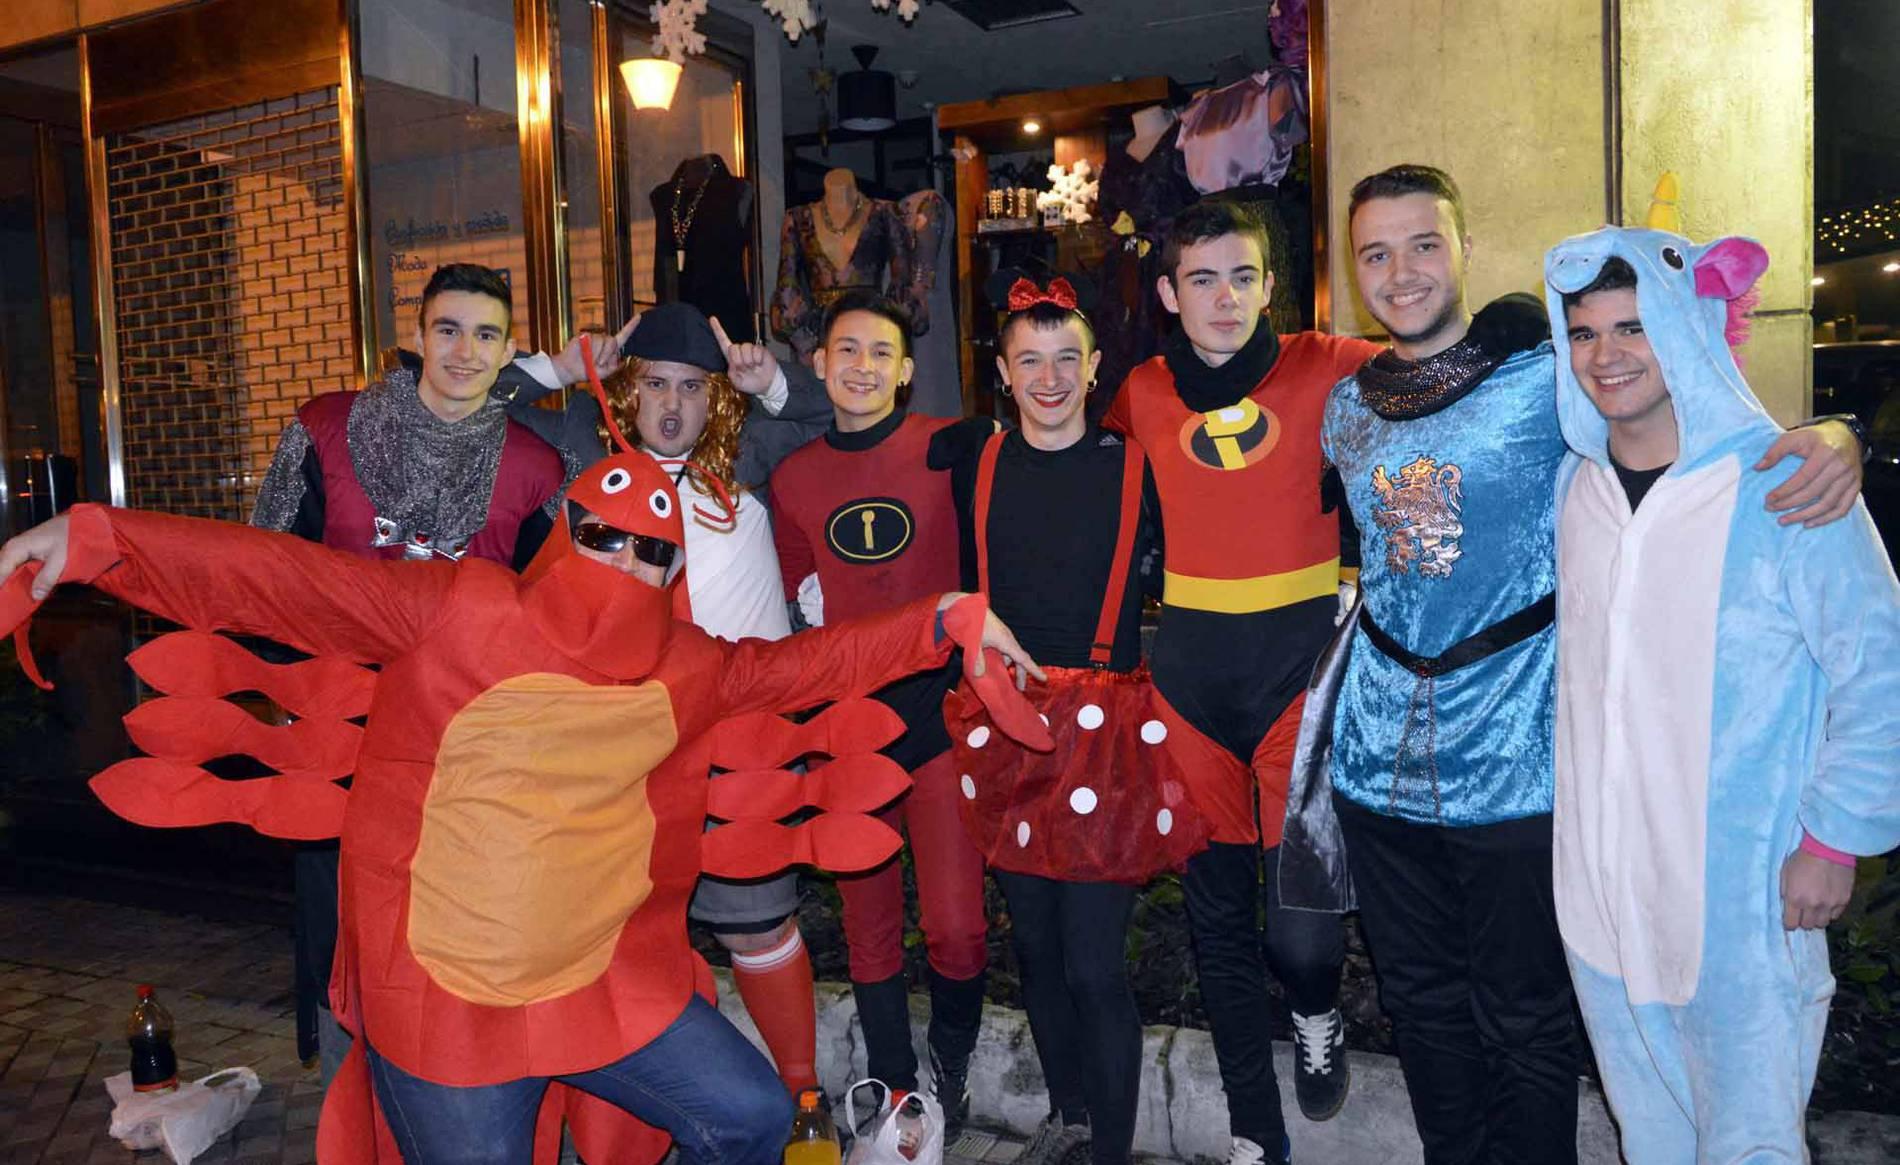 Fotos de Nochevieja 2017 en Pamplona (I) (1/327) - Imágenes de los disfraces de la Nochevieja de 2017 en Pamplona - Pamplona -